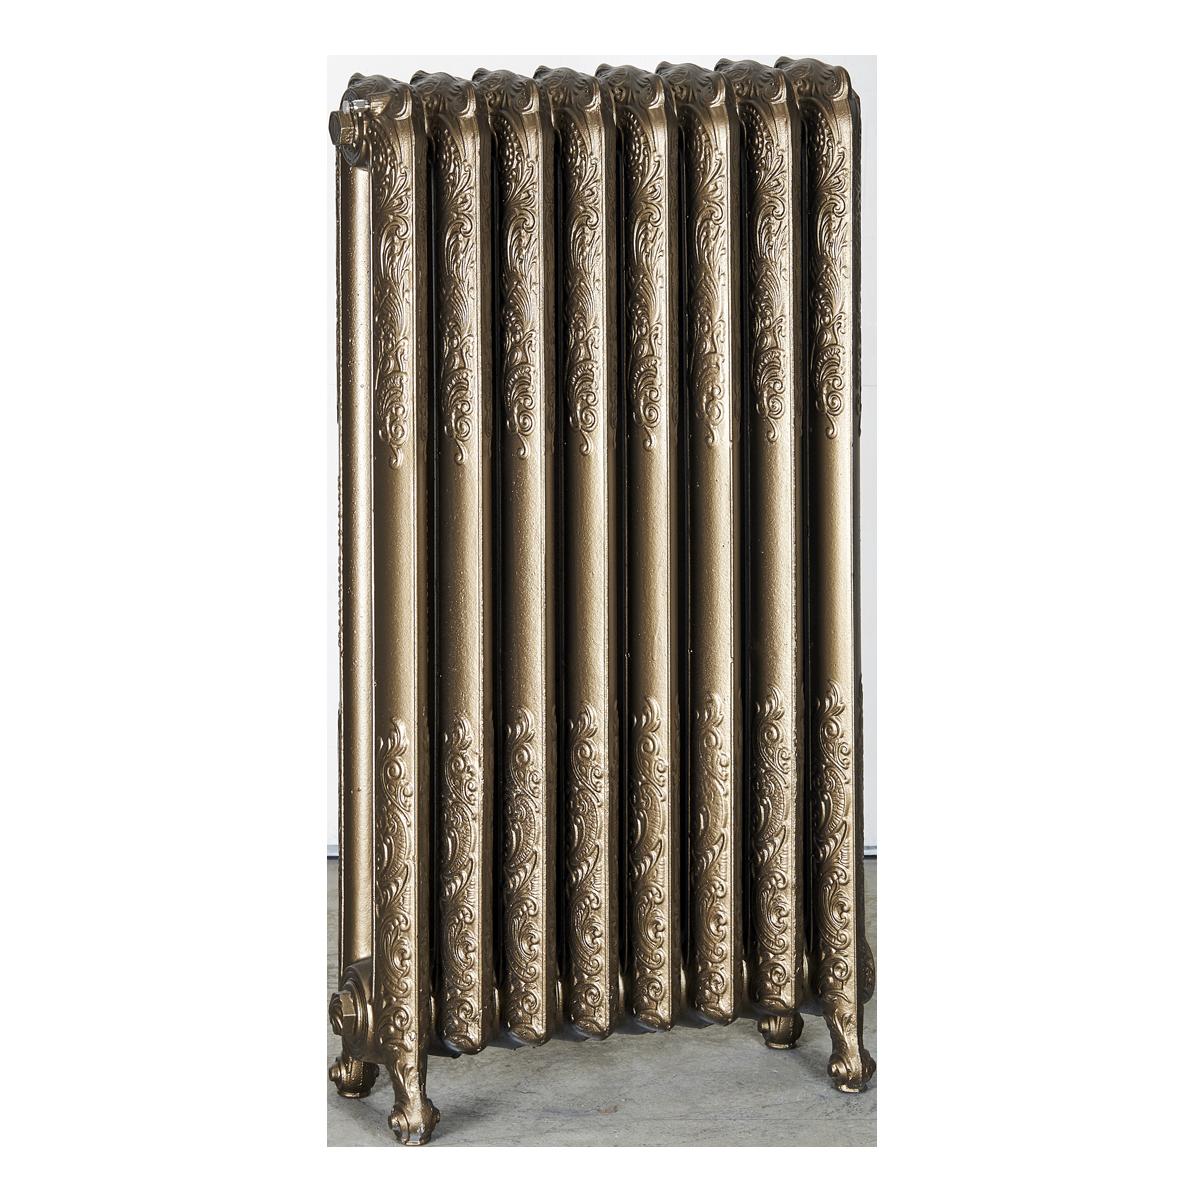 Ironworks Radiators Inc. refurbished cast iron radiator Earlscourt in Blackened Bronze metallic